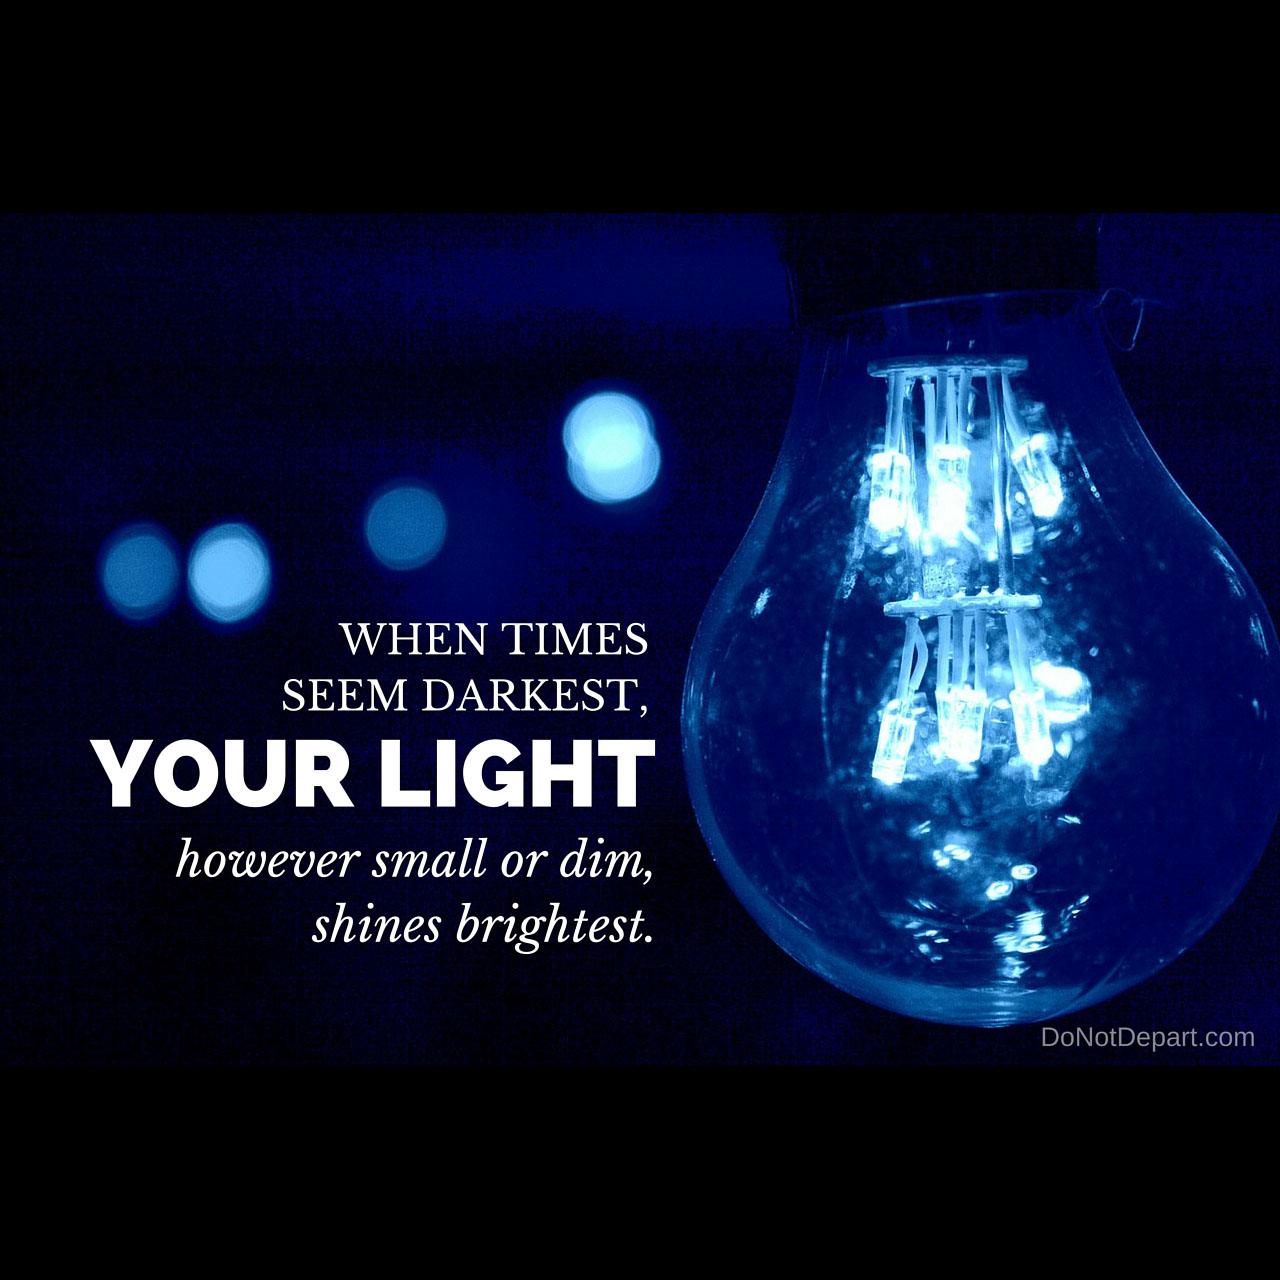 Dark Times Bright Light